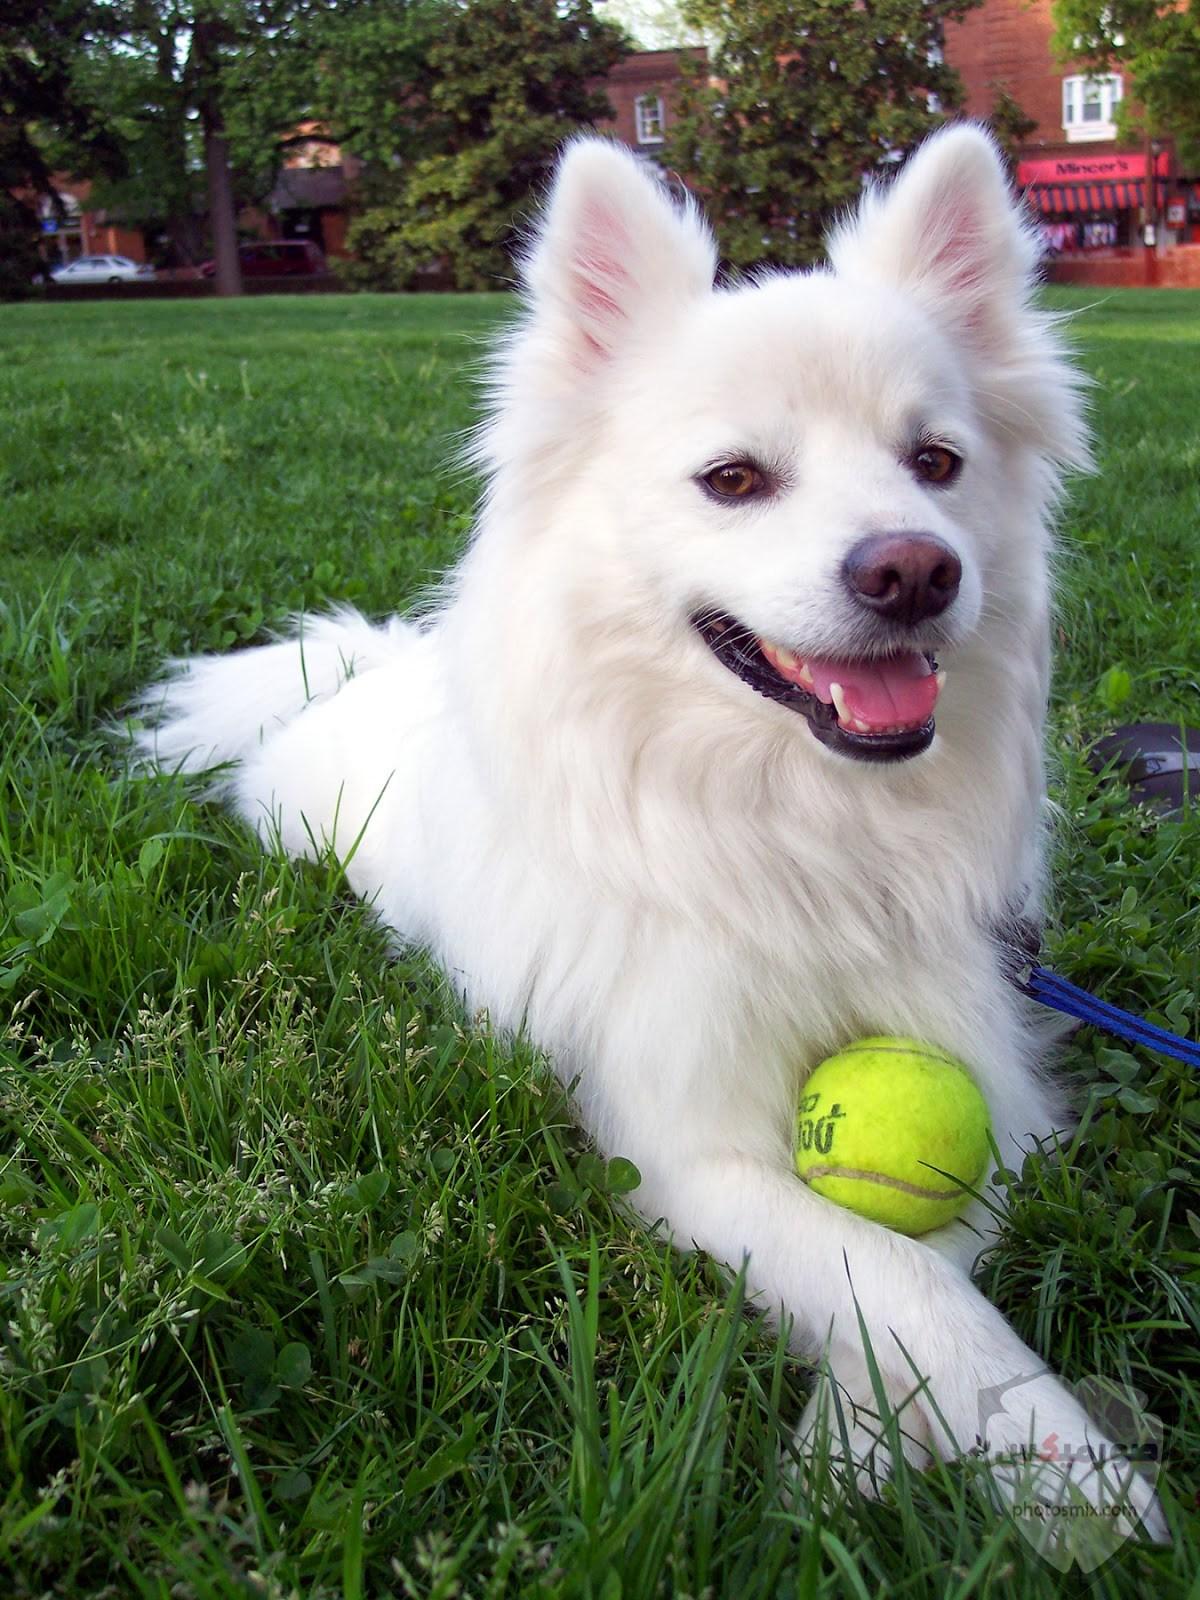 صور رمزيات خلفيات كلاب كيوت صورة كلب كيوت جدا 9